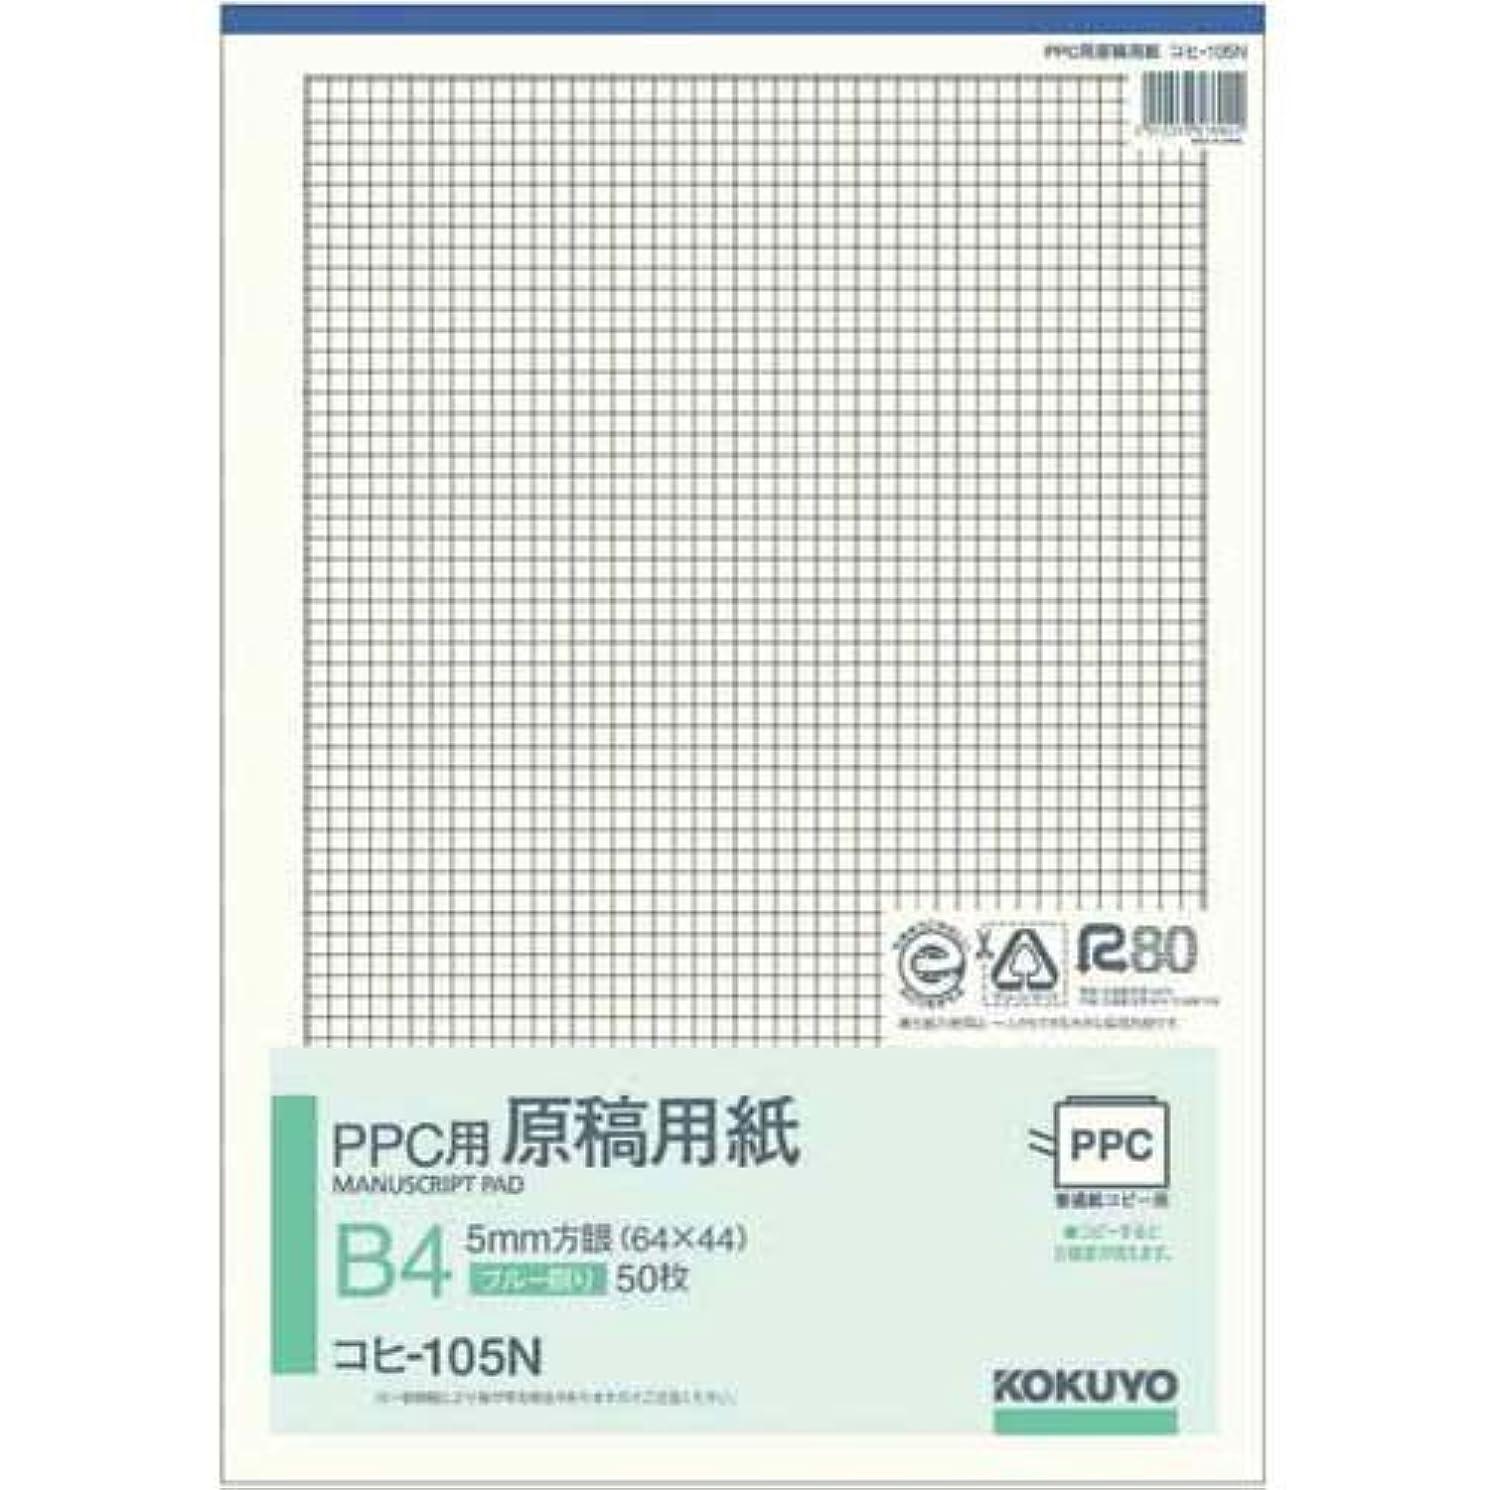 コクヨ コヒ-105N PPC用原稿用紙B4タテ5mm方眼ブルー刷り50枚 5冊セット